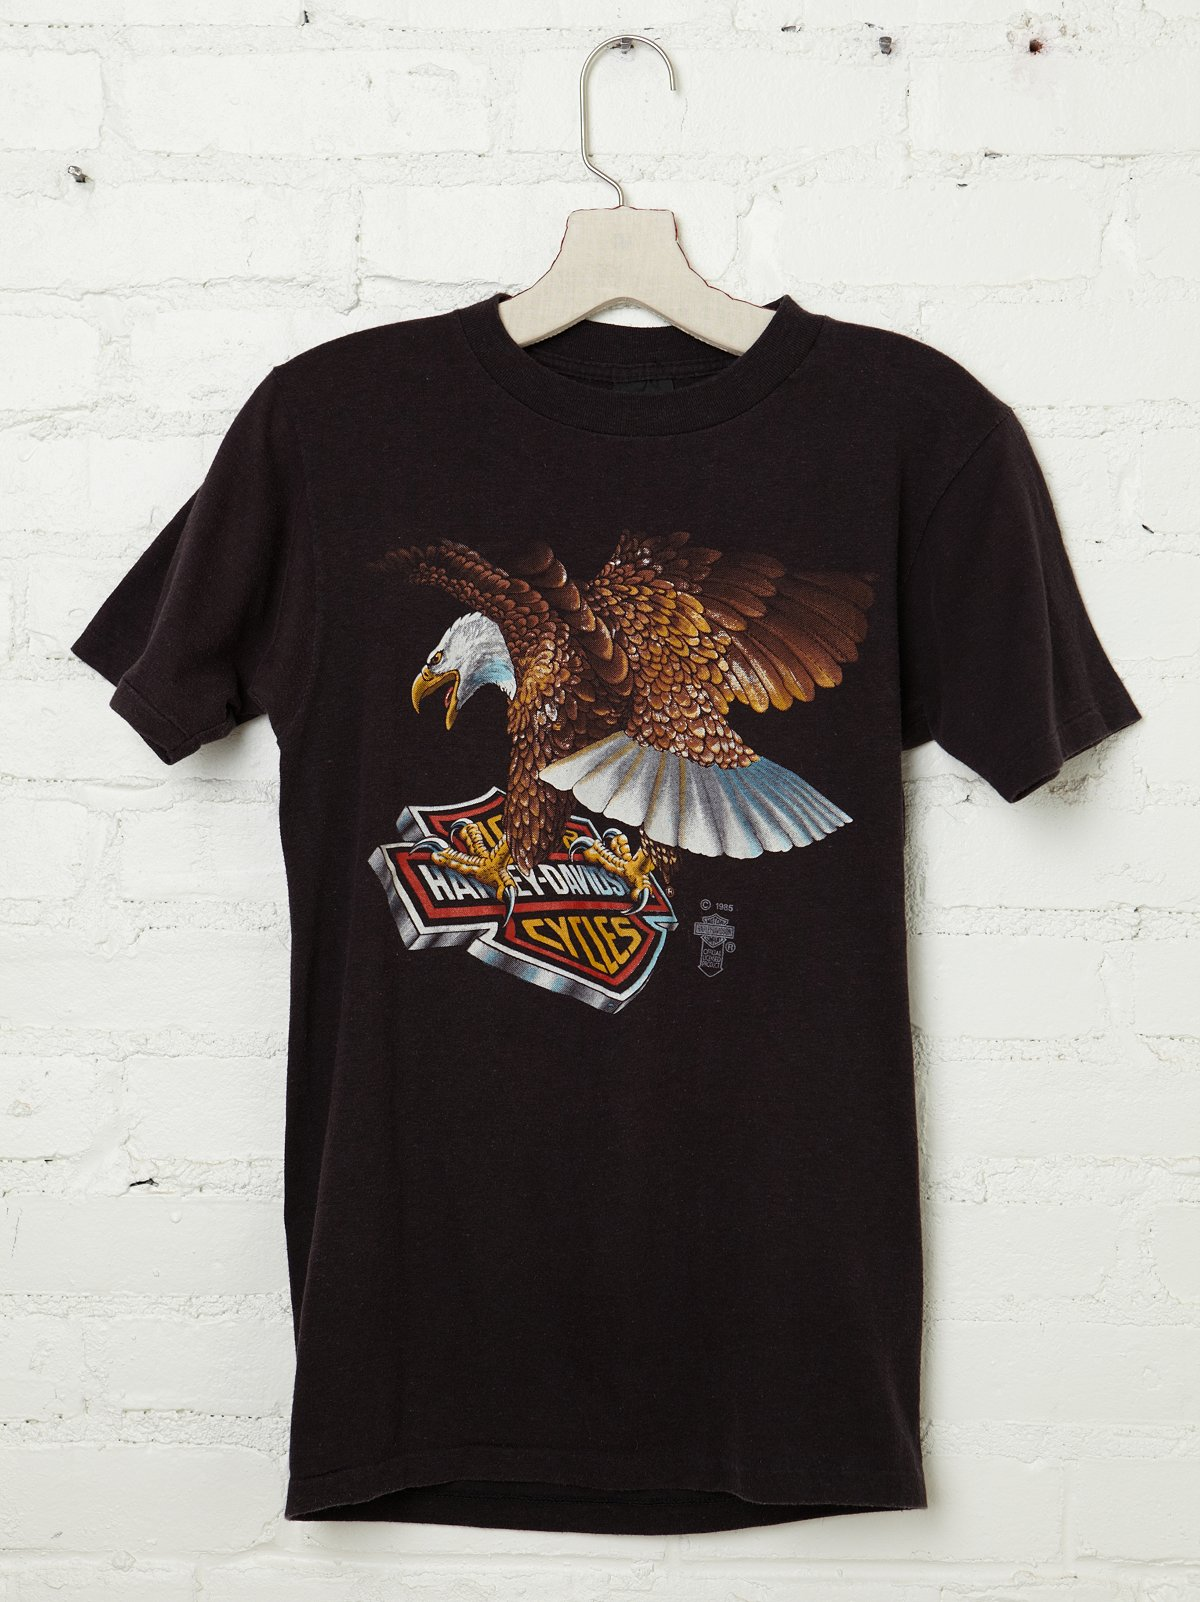 Vintage Harley Davidson Eagle Tee